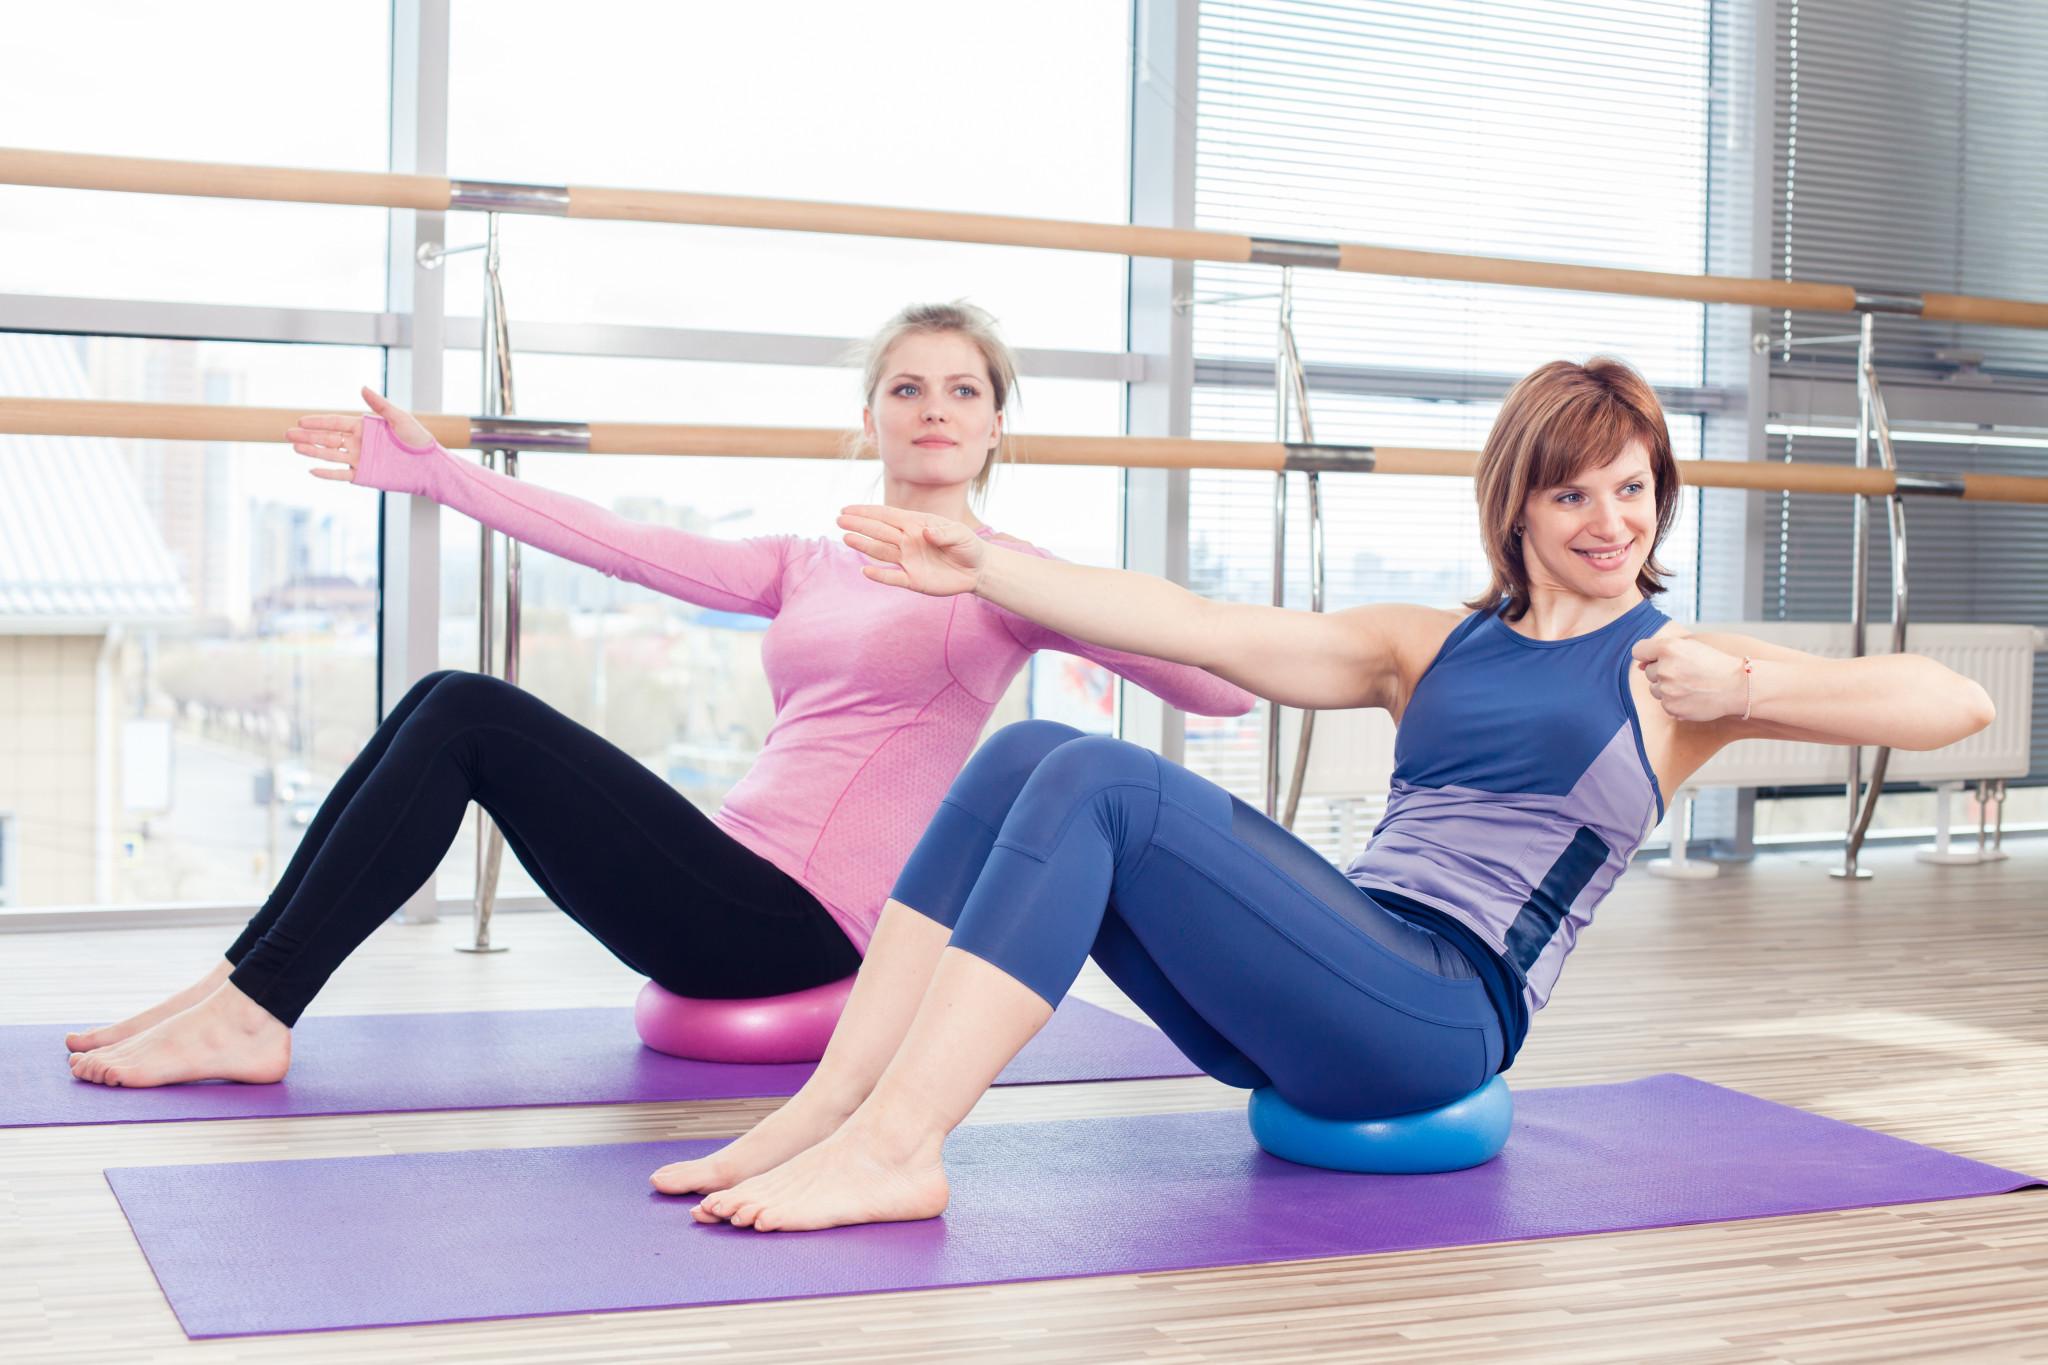 Польза от фитнеса для людей разного возраста